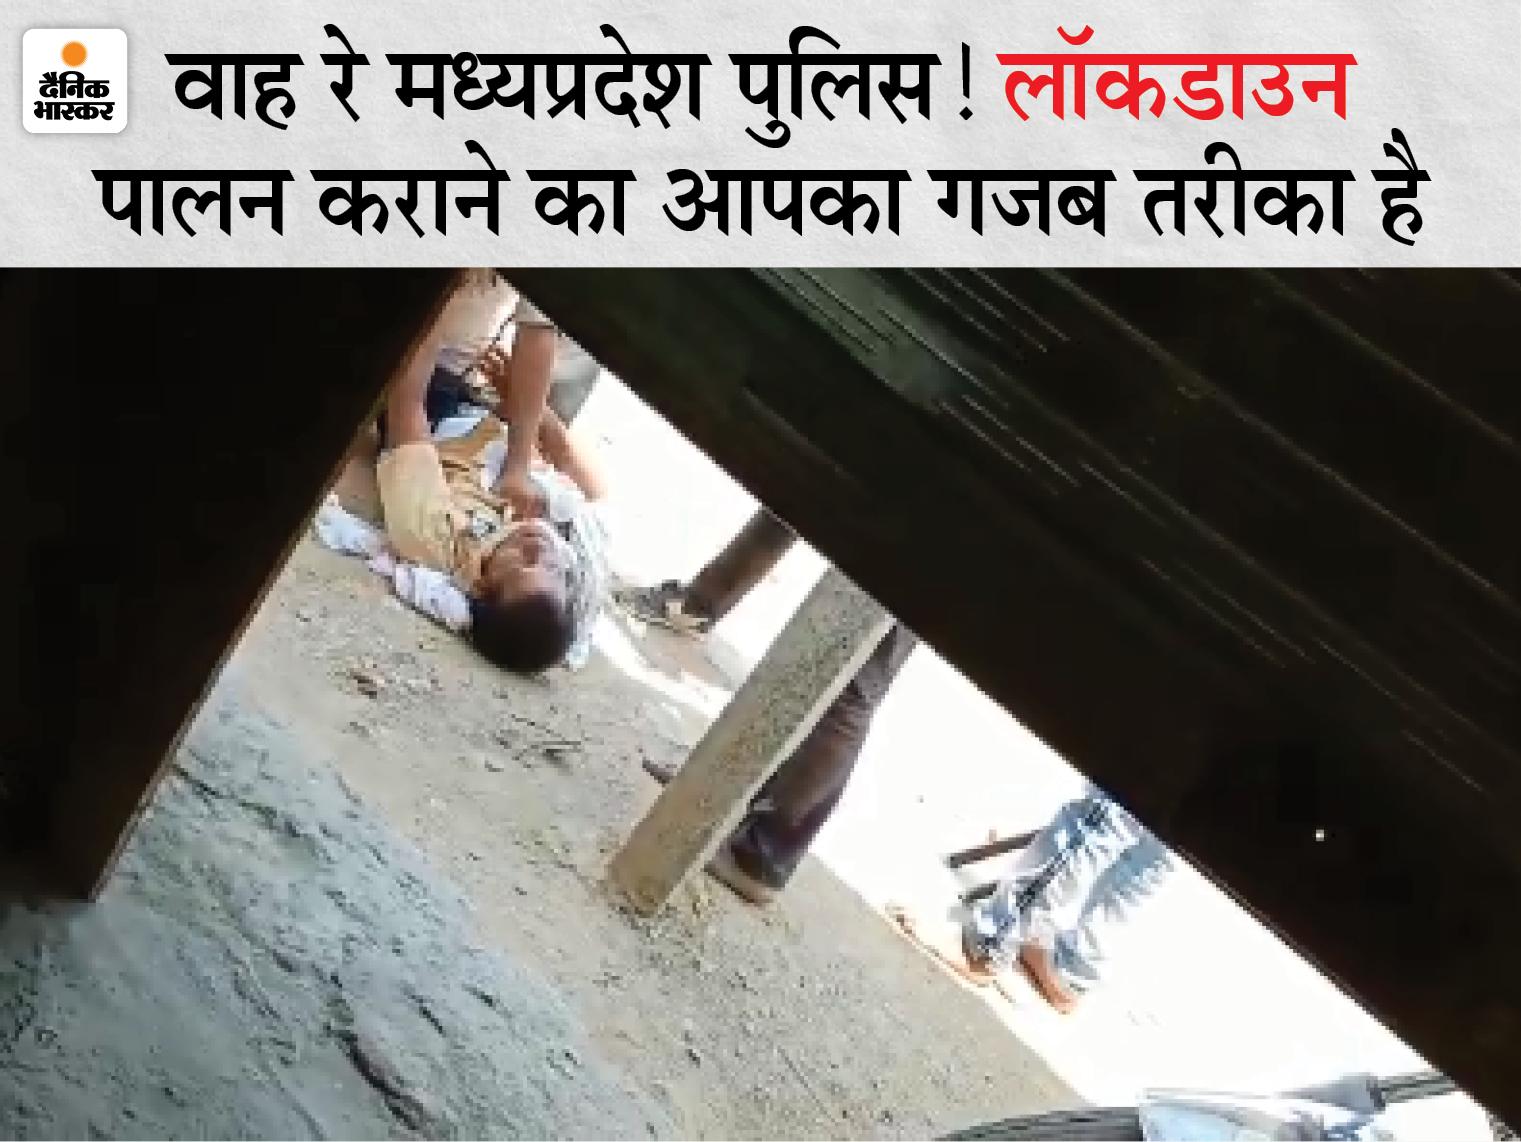 गेहूं लेकर खरीदी केंद्र जा रहे किसान को लात-घूंसों से पीटा, बचाव में पुलिस ने कहा- जिसे मारा वह अपराधी, लॉकडाउन का कर रहा था उल्लंघन|मध्य प्रदेश,Madhya Pradesh - Dainik Bhaskar